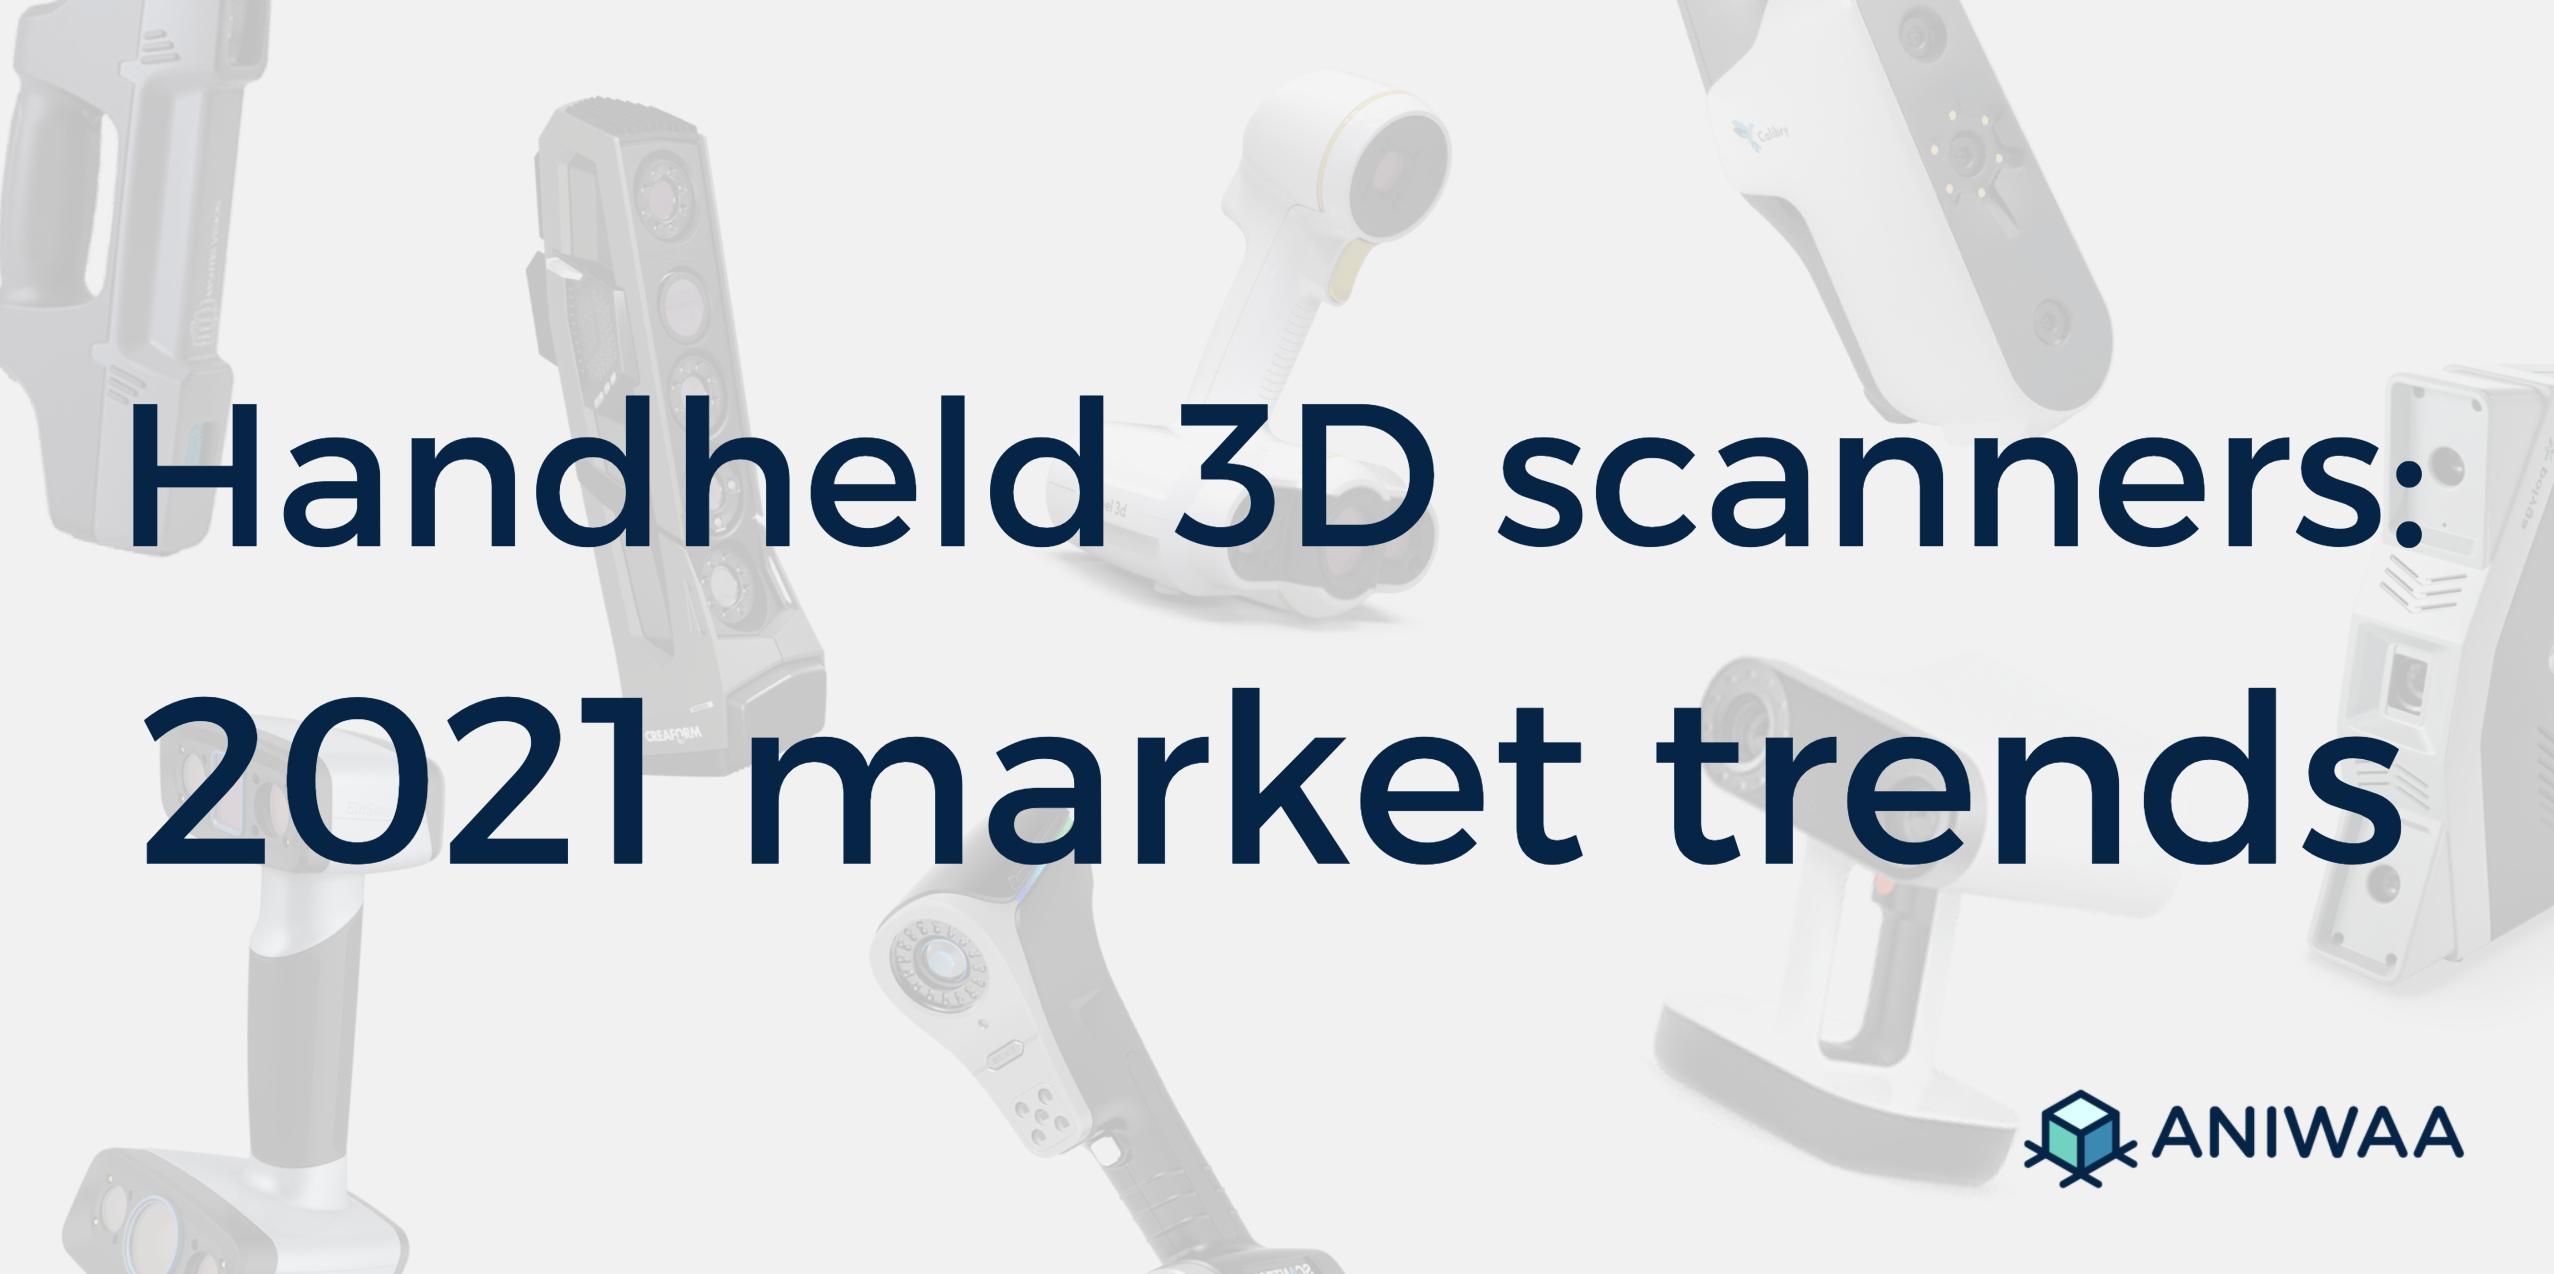 Scanners 3D portables en 2021 : quelles tendances et évolutions de marché ?